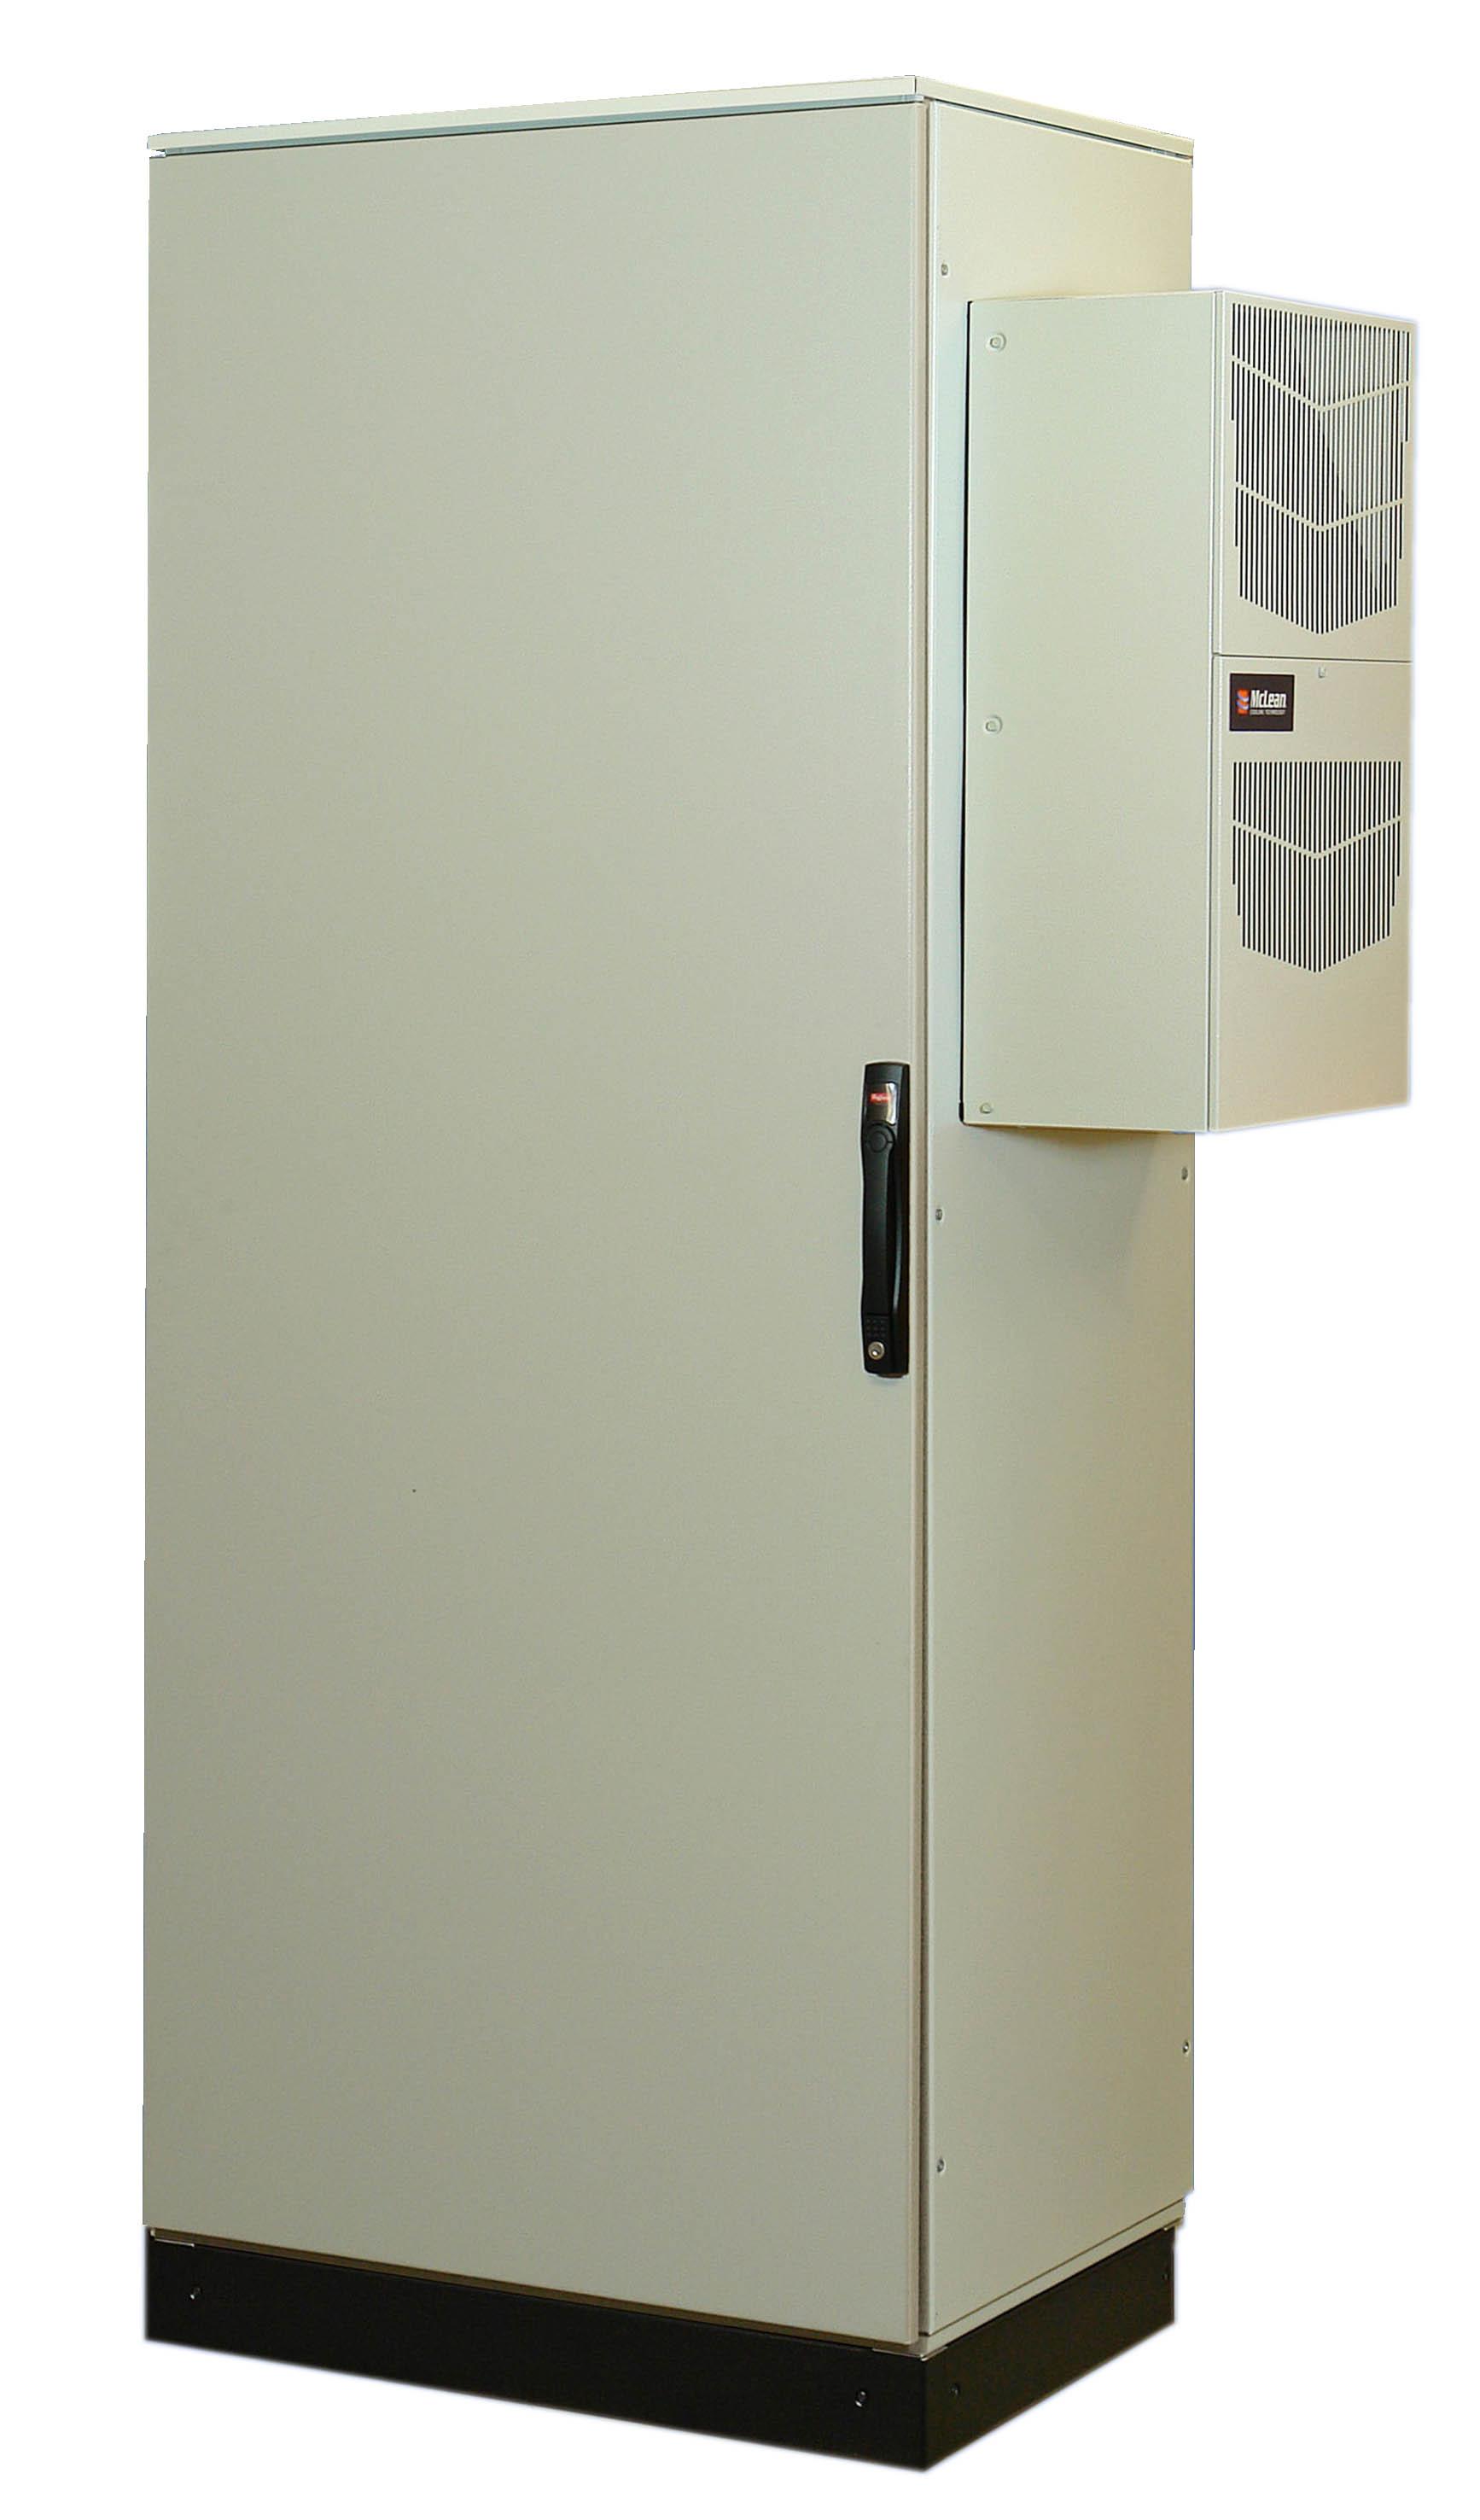 Универсальный промышленный шкаф со встроенной системой охлаждения